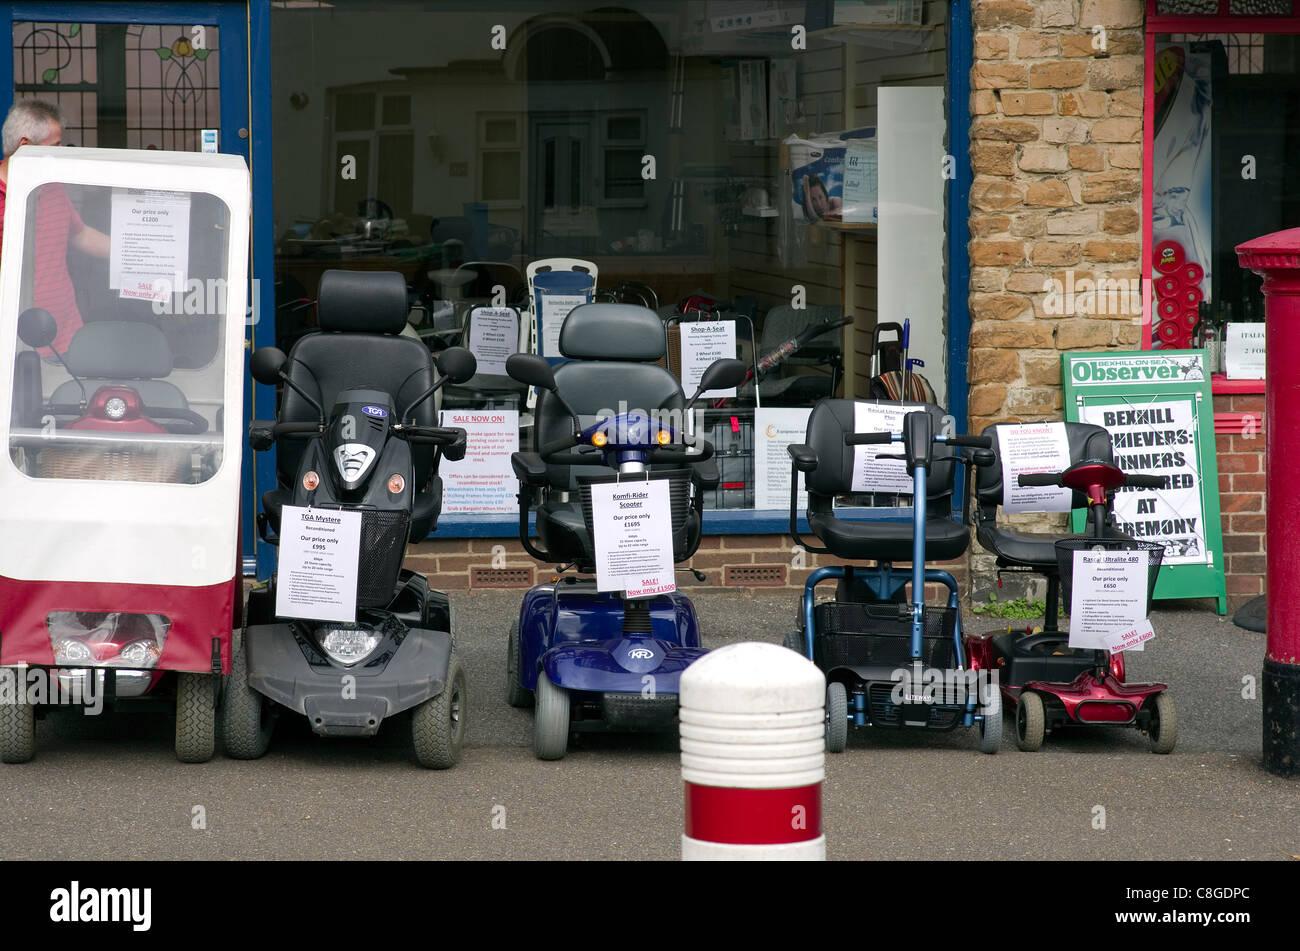 Anzeige der Scooter in einem West Bexhill-Shop in East Sussex. Stockbild